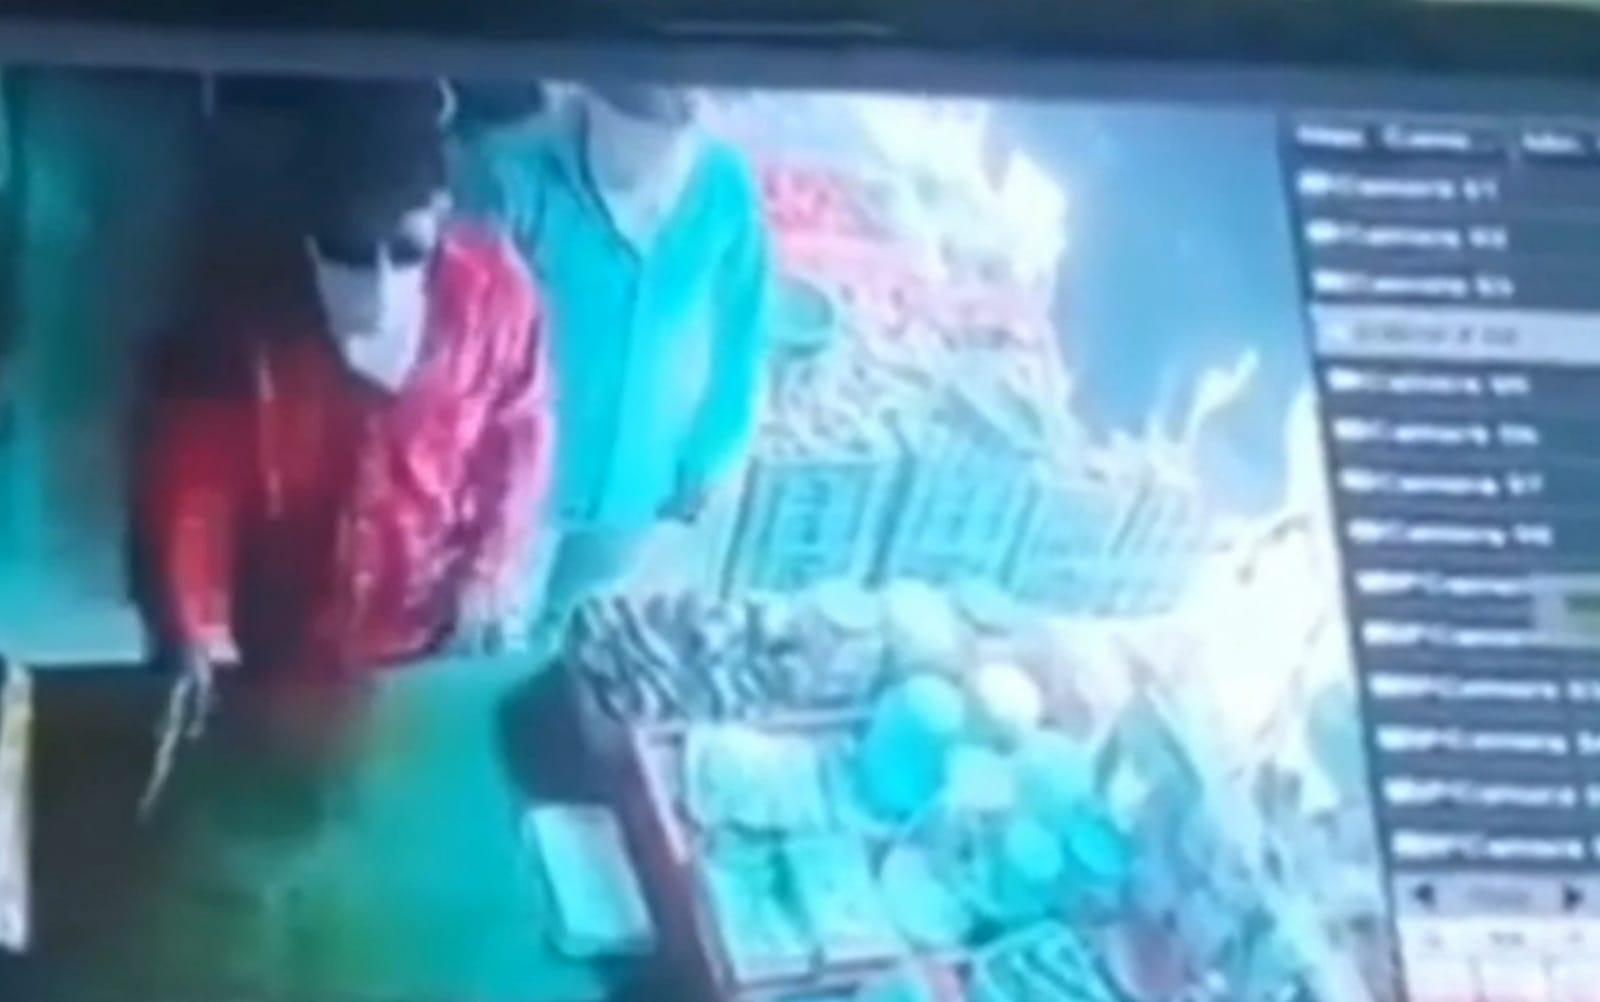 गन प्वाइंट पर पवन नगर में करियाना शॉप से 12 हजार रुपए लूट, सीसीटीवी में दिखे आरोपी, रानी का बाग की घटना में भी यही दोनों आरोपी|अमृतसर,Amritsar - Dainik Bhaskar